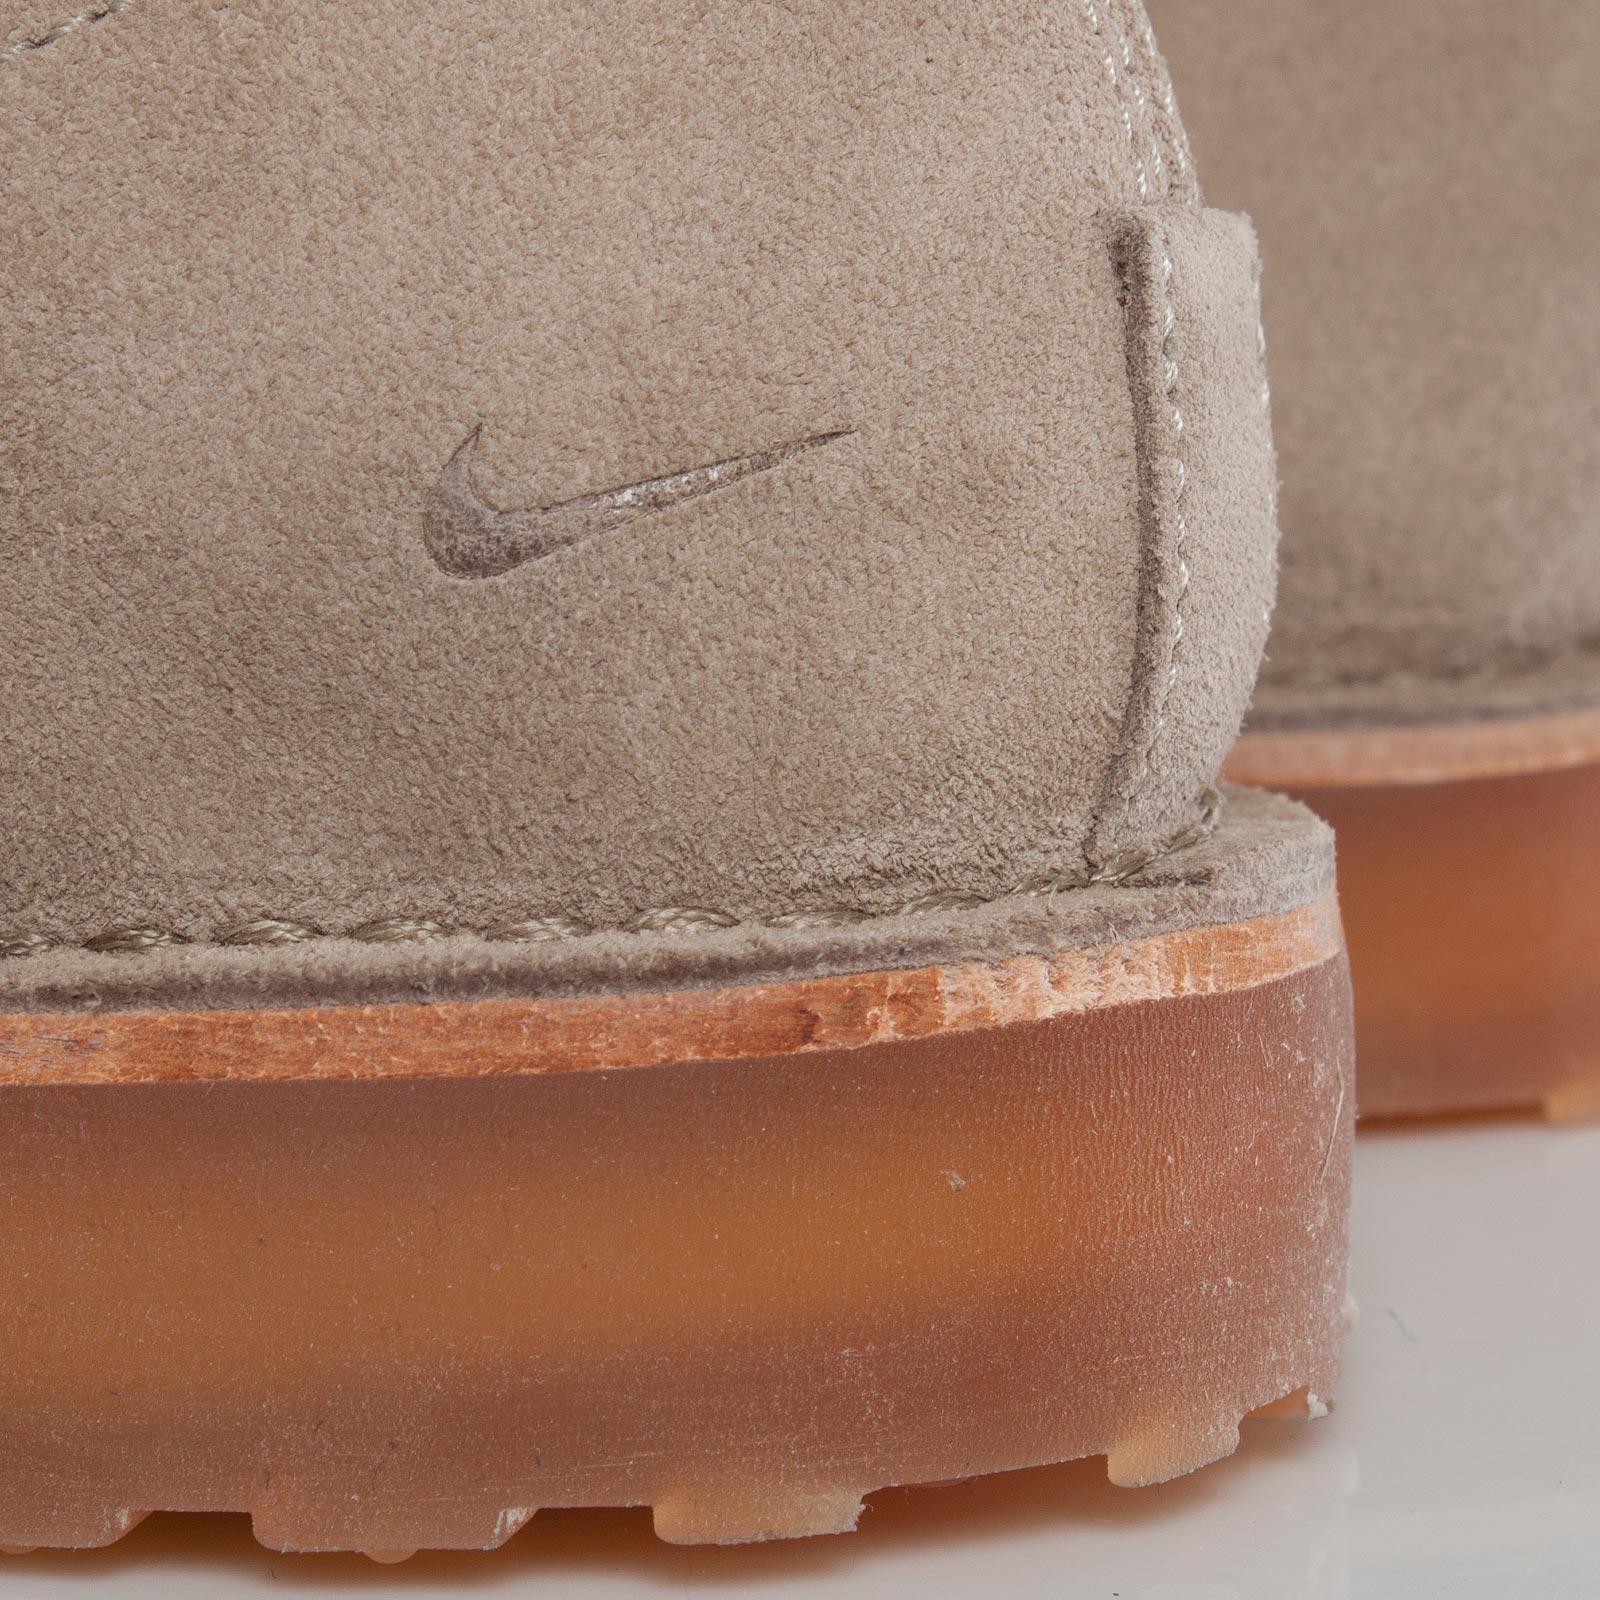 Nike Air Sauble Premium 'Khaki' - Now Available